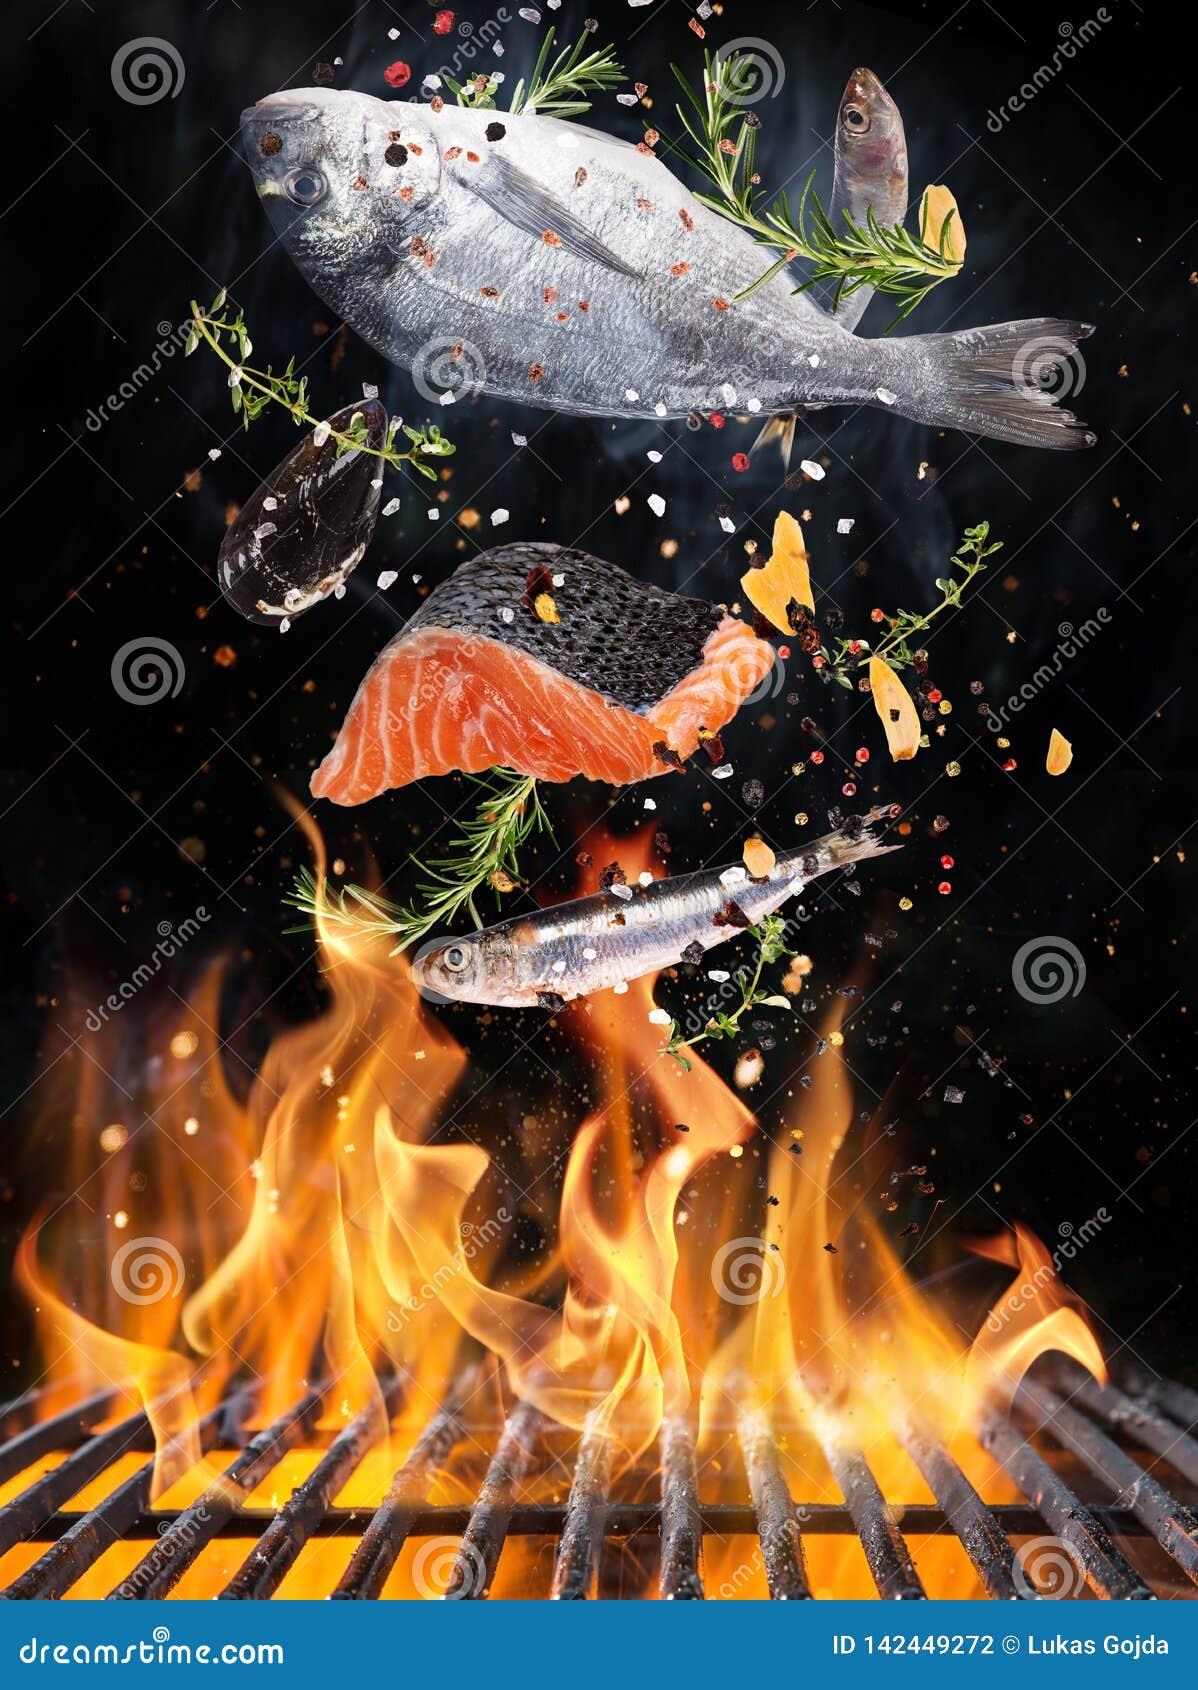 Вкусное летание рыб над решеткой литого железа с пламенами огня